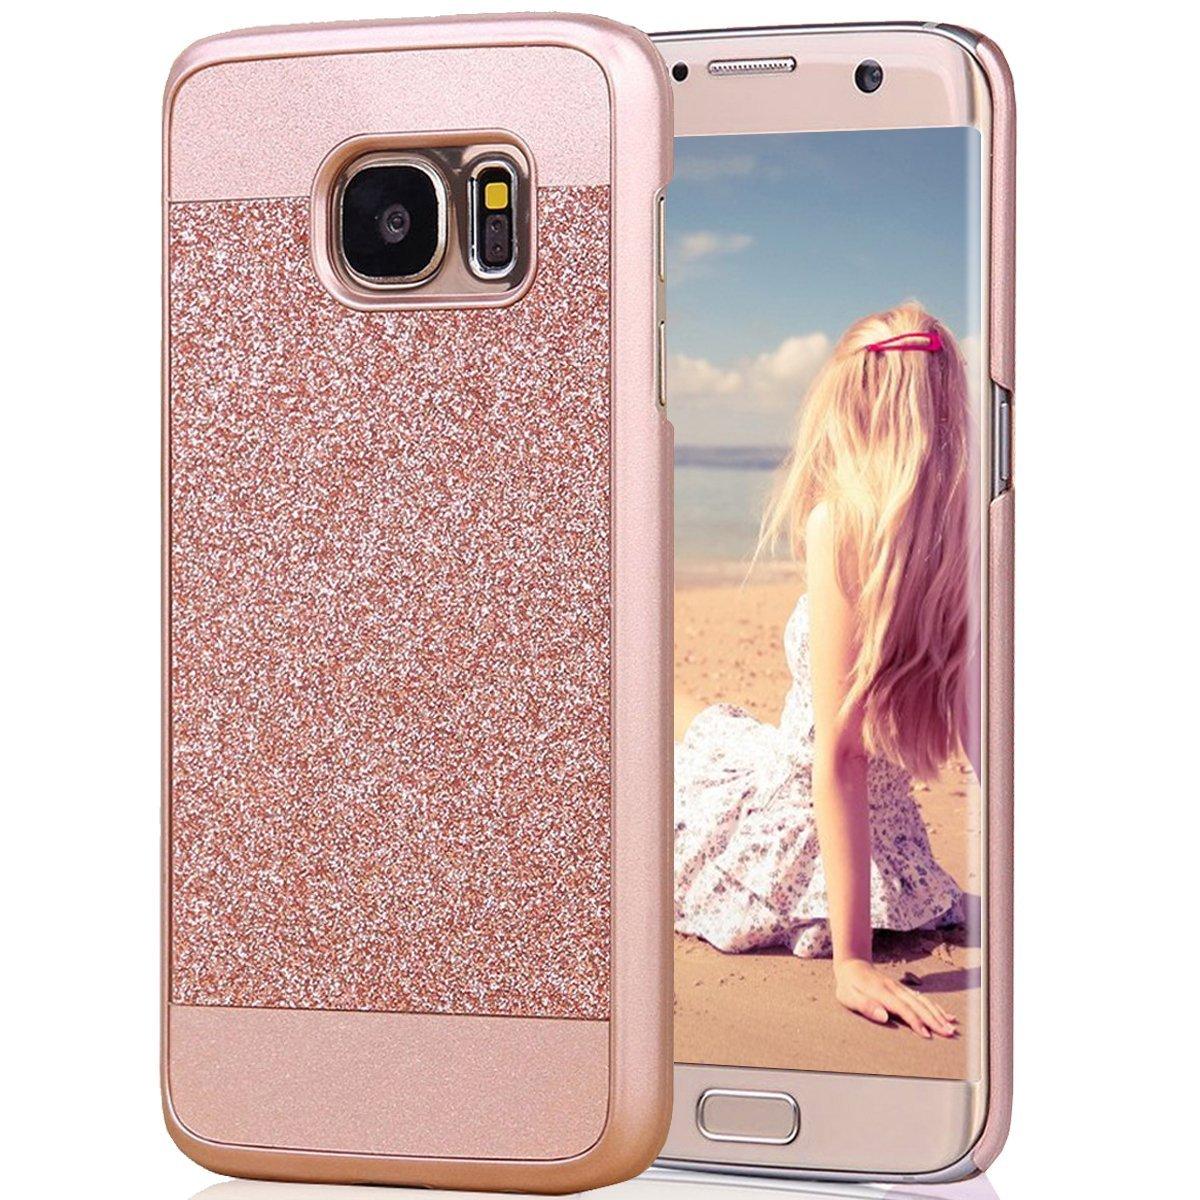 the latest fedac 30e10 Buy Galaxy S7 Edge Case, Imikoko™ Rose Gold Luxury Hybrid Beauty ...